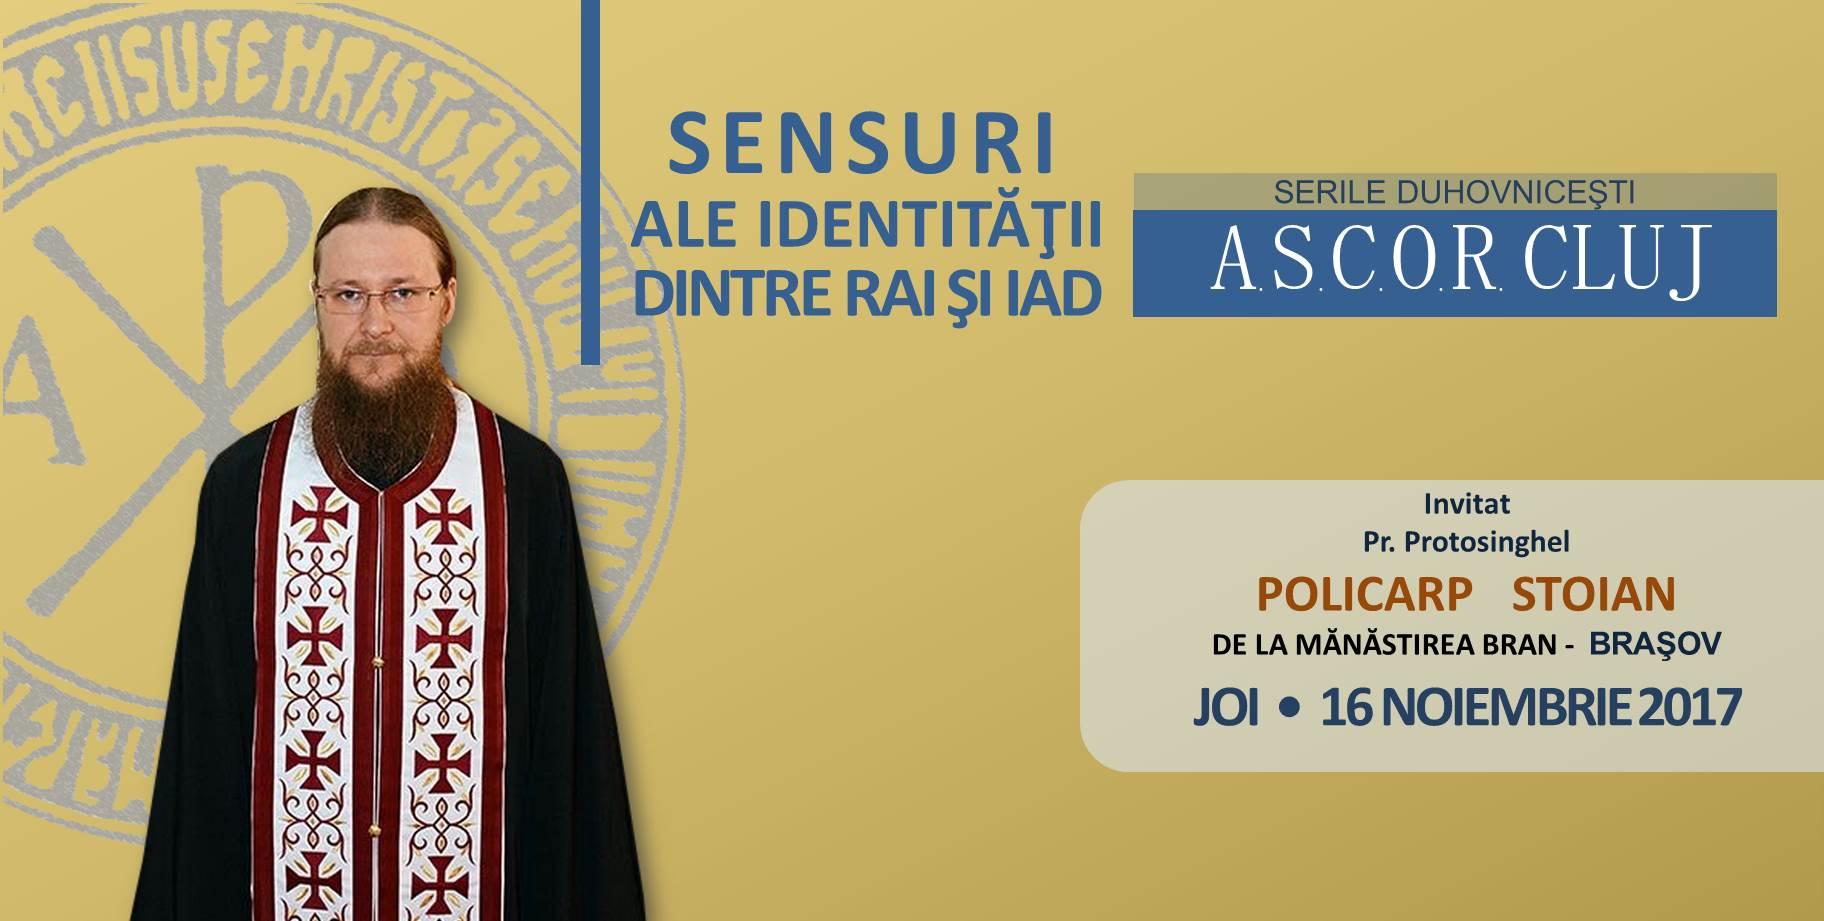 Prima seară duhovnicească A.S.C.O.R. Cluj – Pr. Protosinghel Policarp Stoian